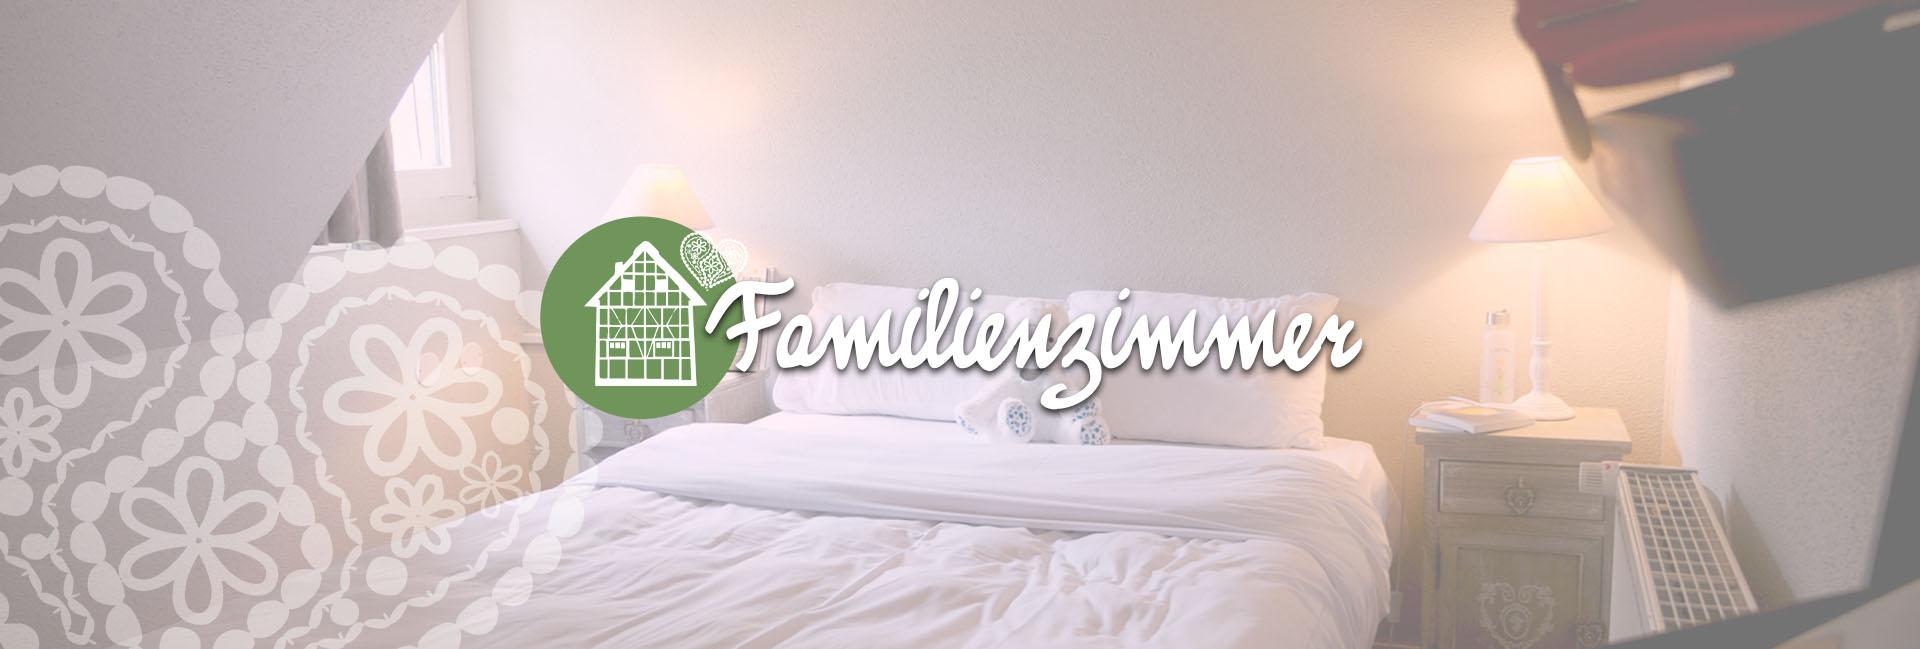 chambrefamiliale-hotelloge-ALL